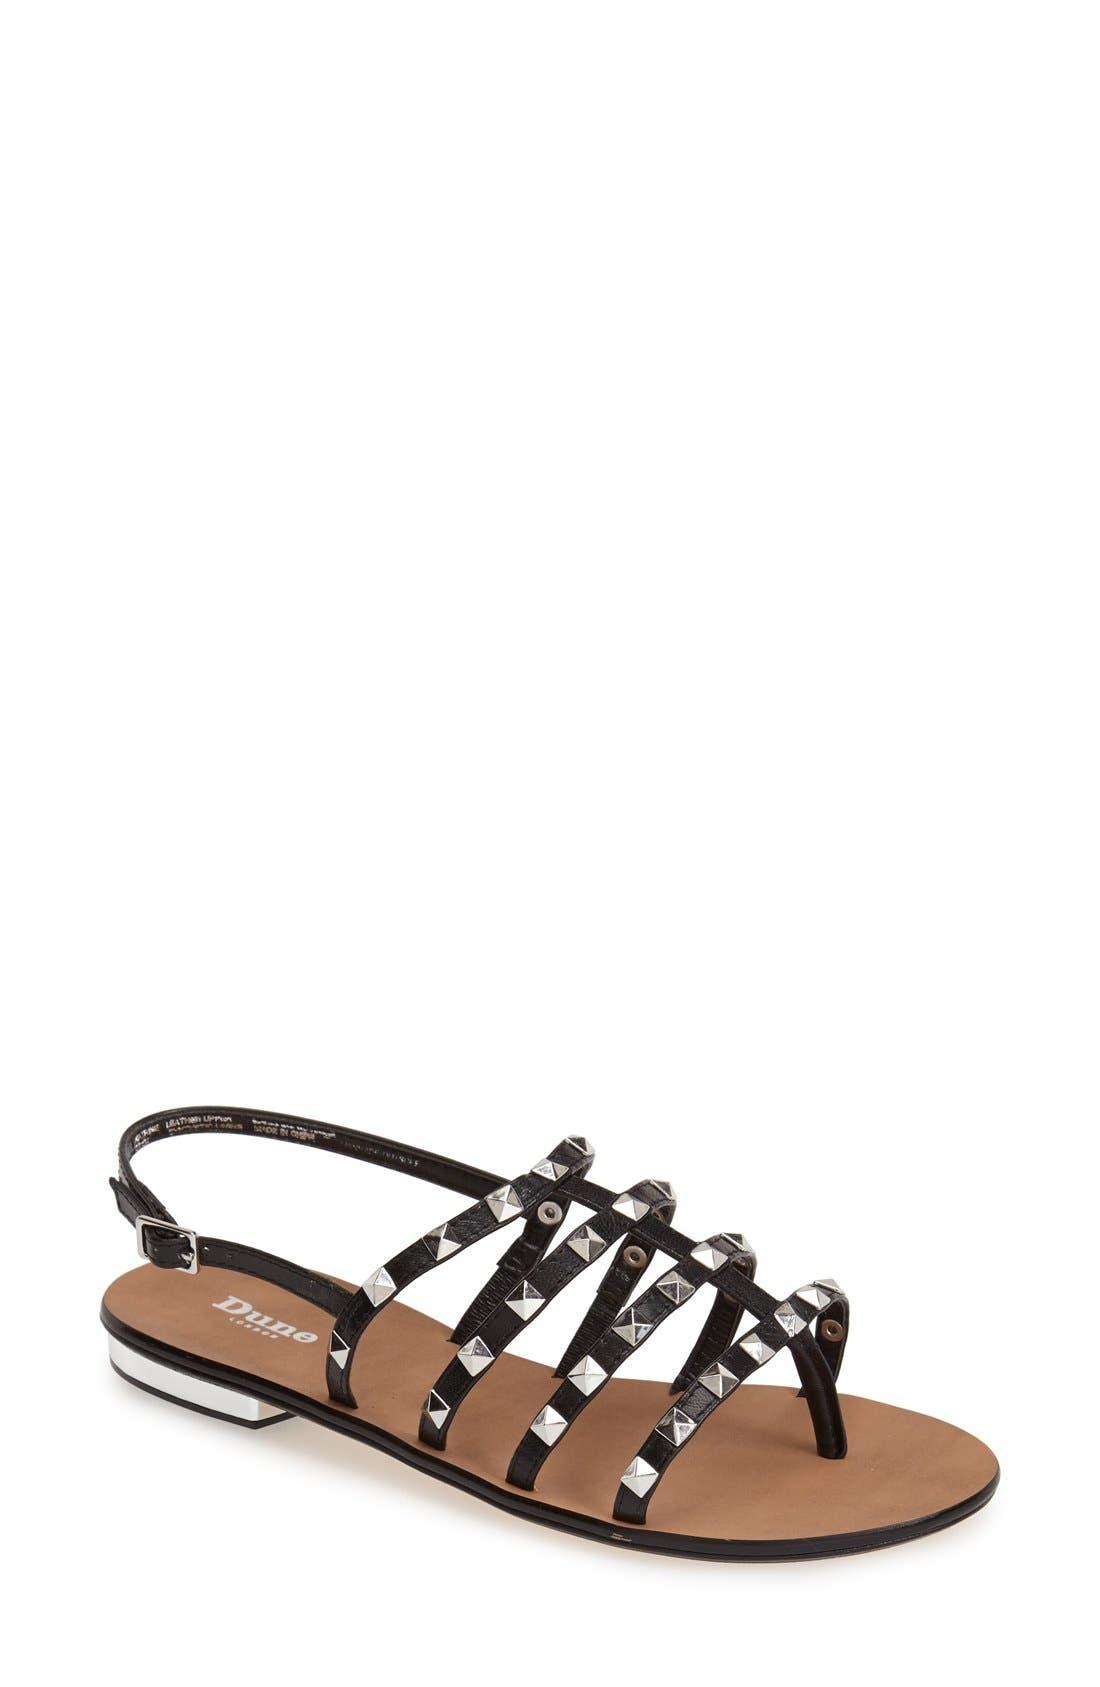 Alternate Image 1 Selected - Dune London 'Katrine' Studded Sandal (Women)